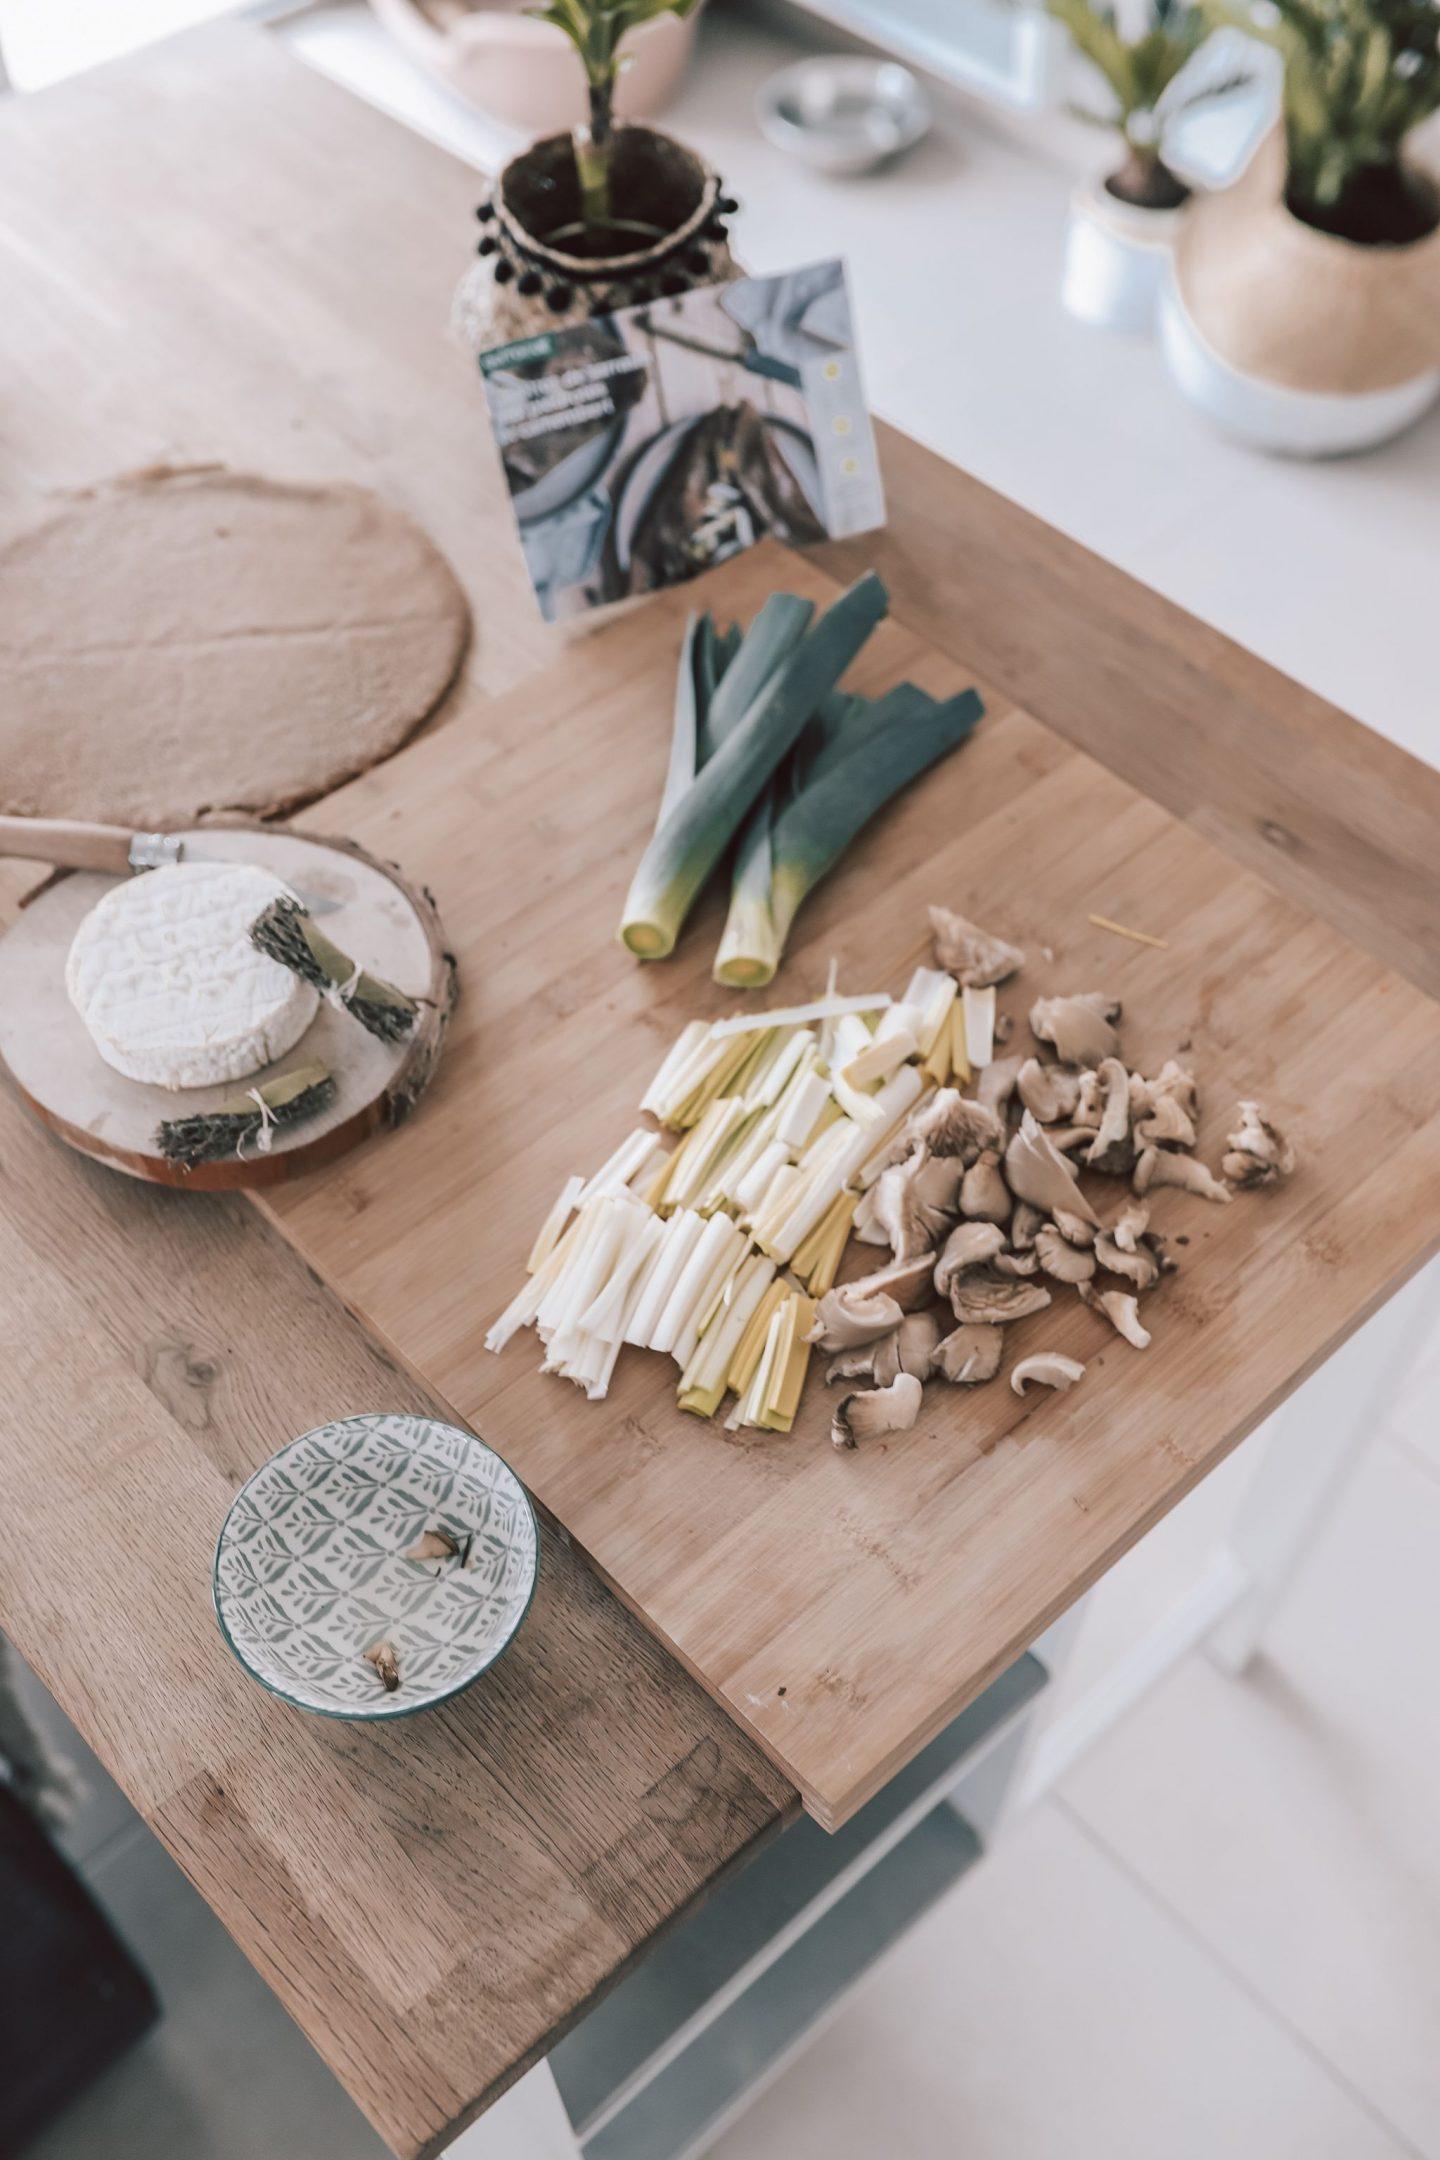 Découpe des ingrédients pour la recette Quitoque des galettes de sarrasin au camembert, poireau, pleurotes